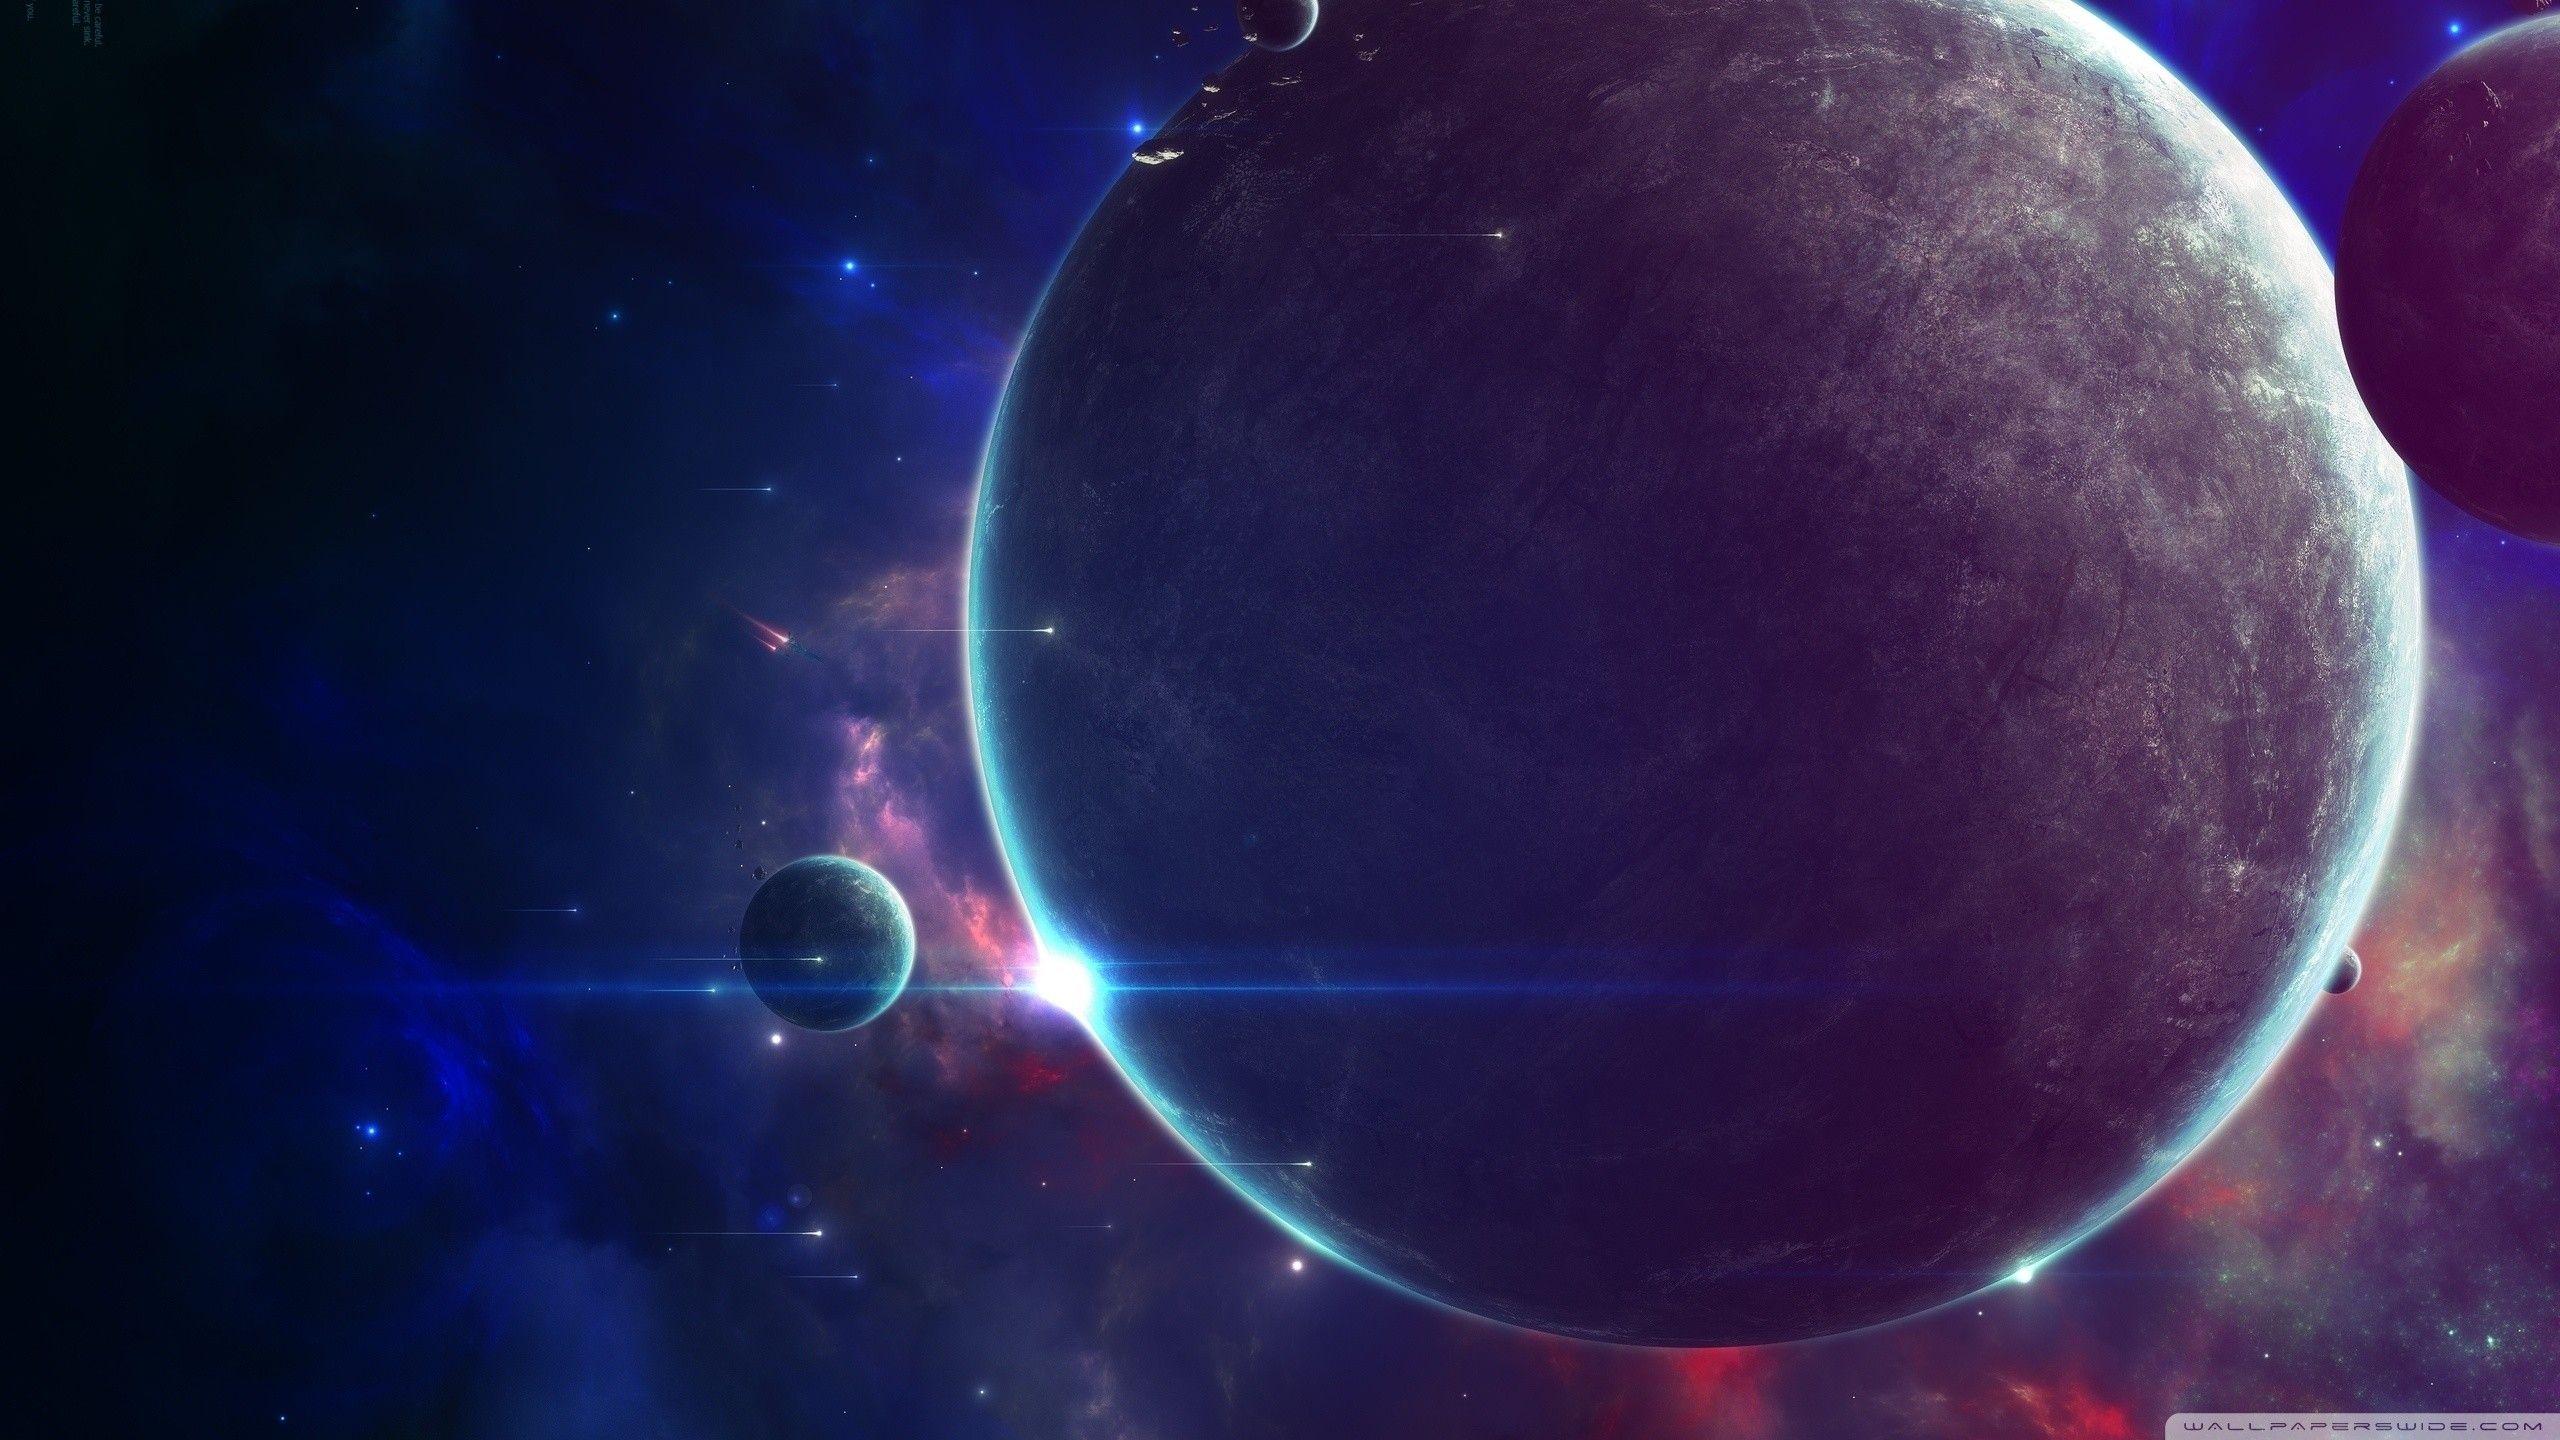 2560x1440 Youtube Channel Art Galaxy 2048x1152 Youtube